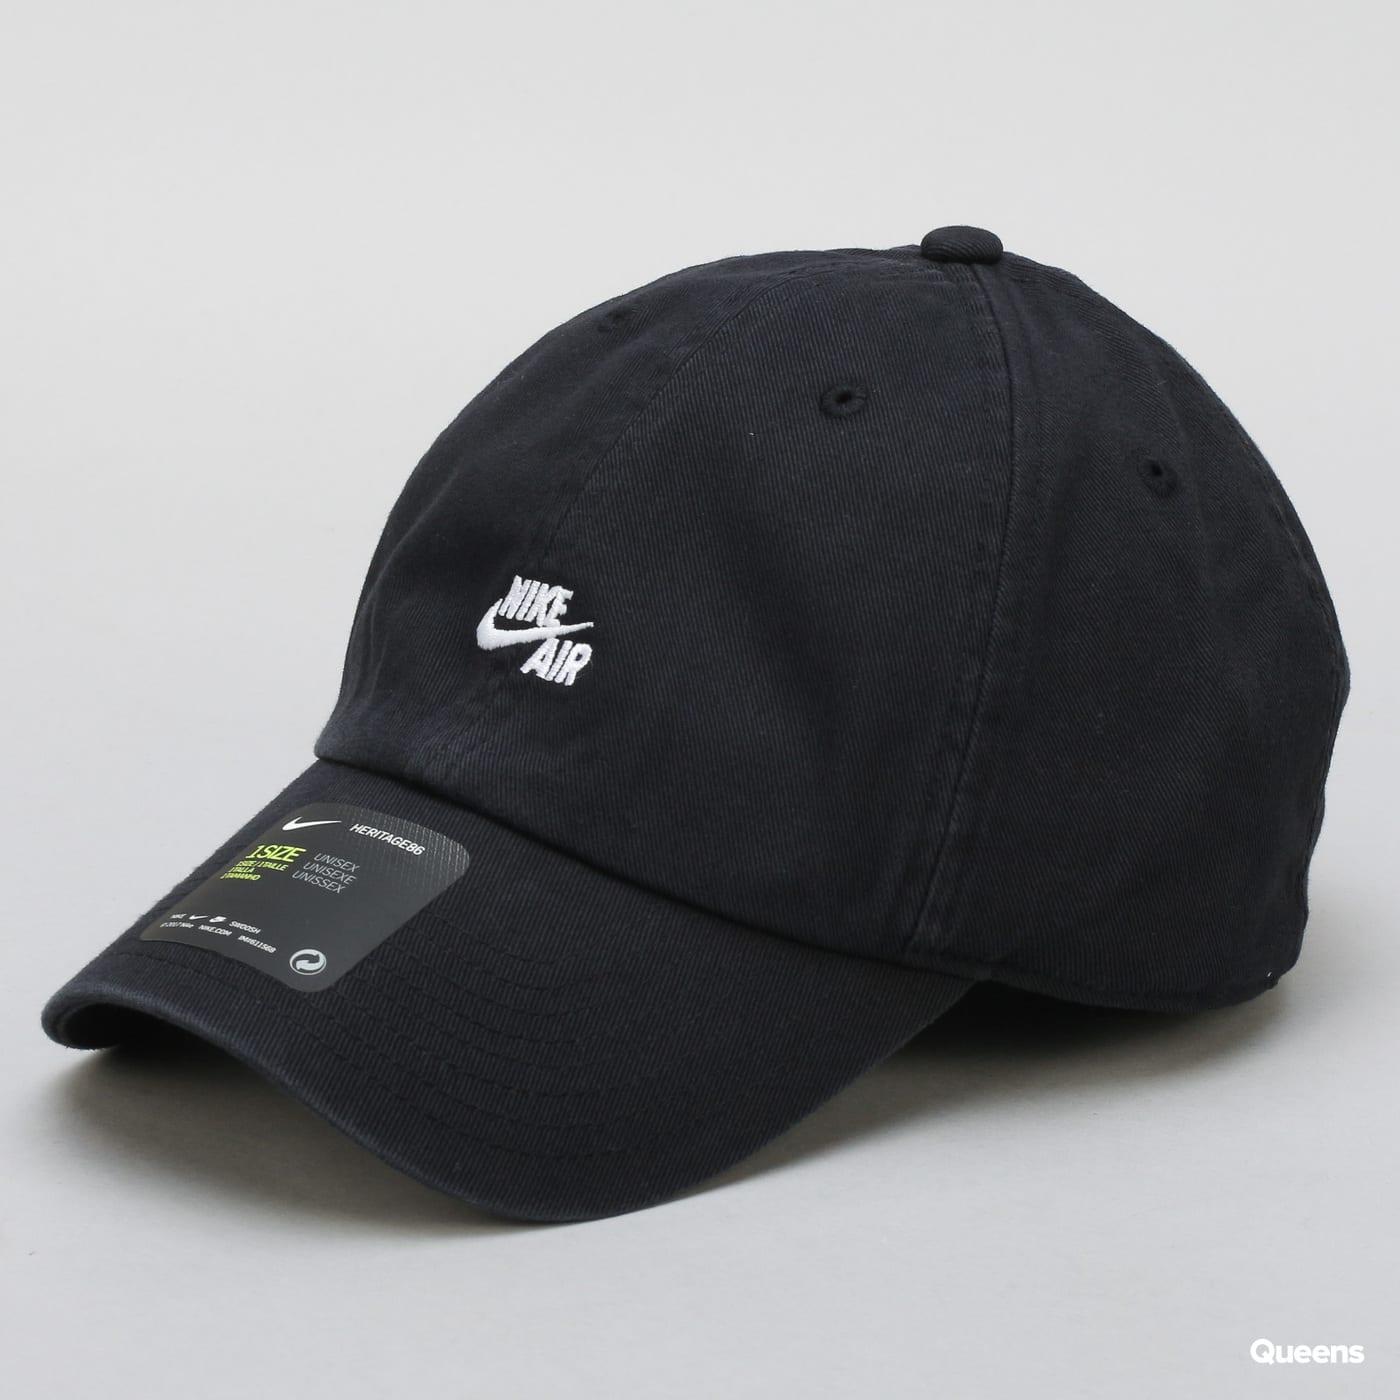 cc305721bf9 Kšiltovka Nike U NK Air H86 Cap (891289-010) – Queens 💚